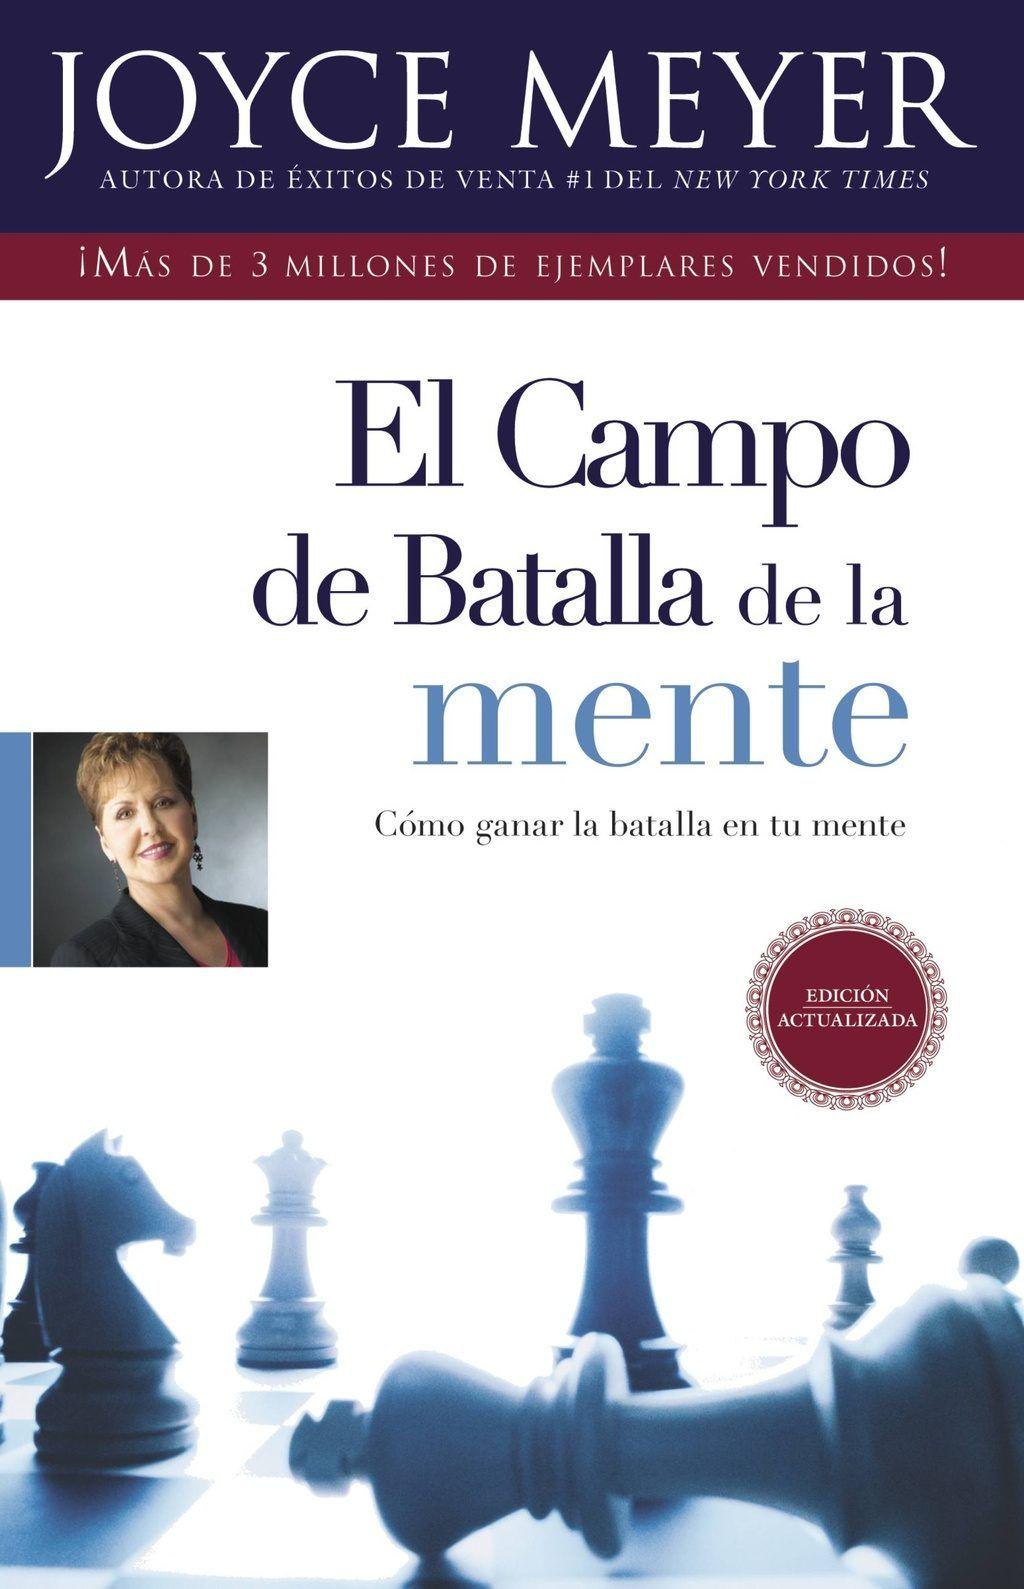 Resultado De Imagen Para Libros De Joyce Meyer En Español Libros De Autoayuda Libros Para Jovenes Libros Para Leer